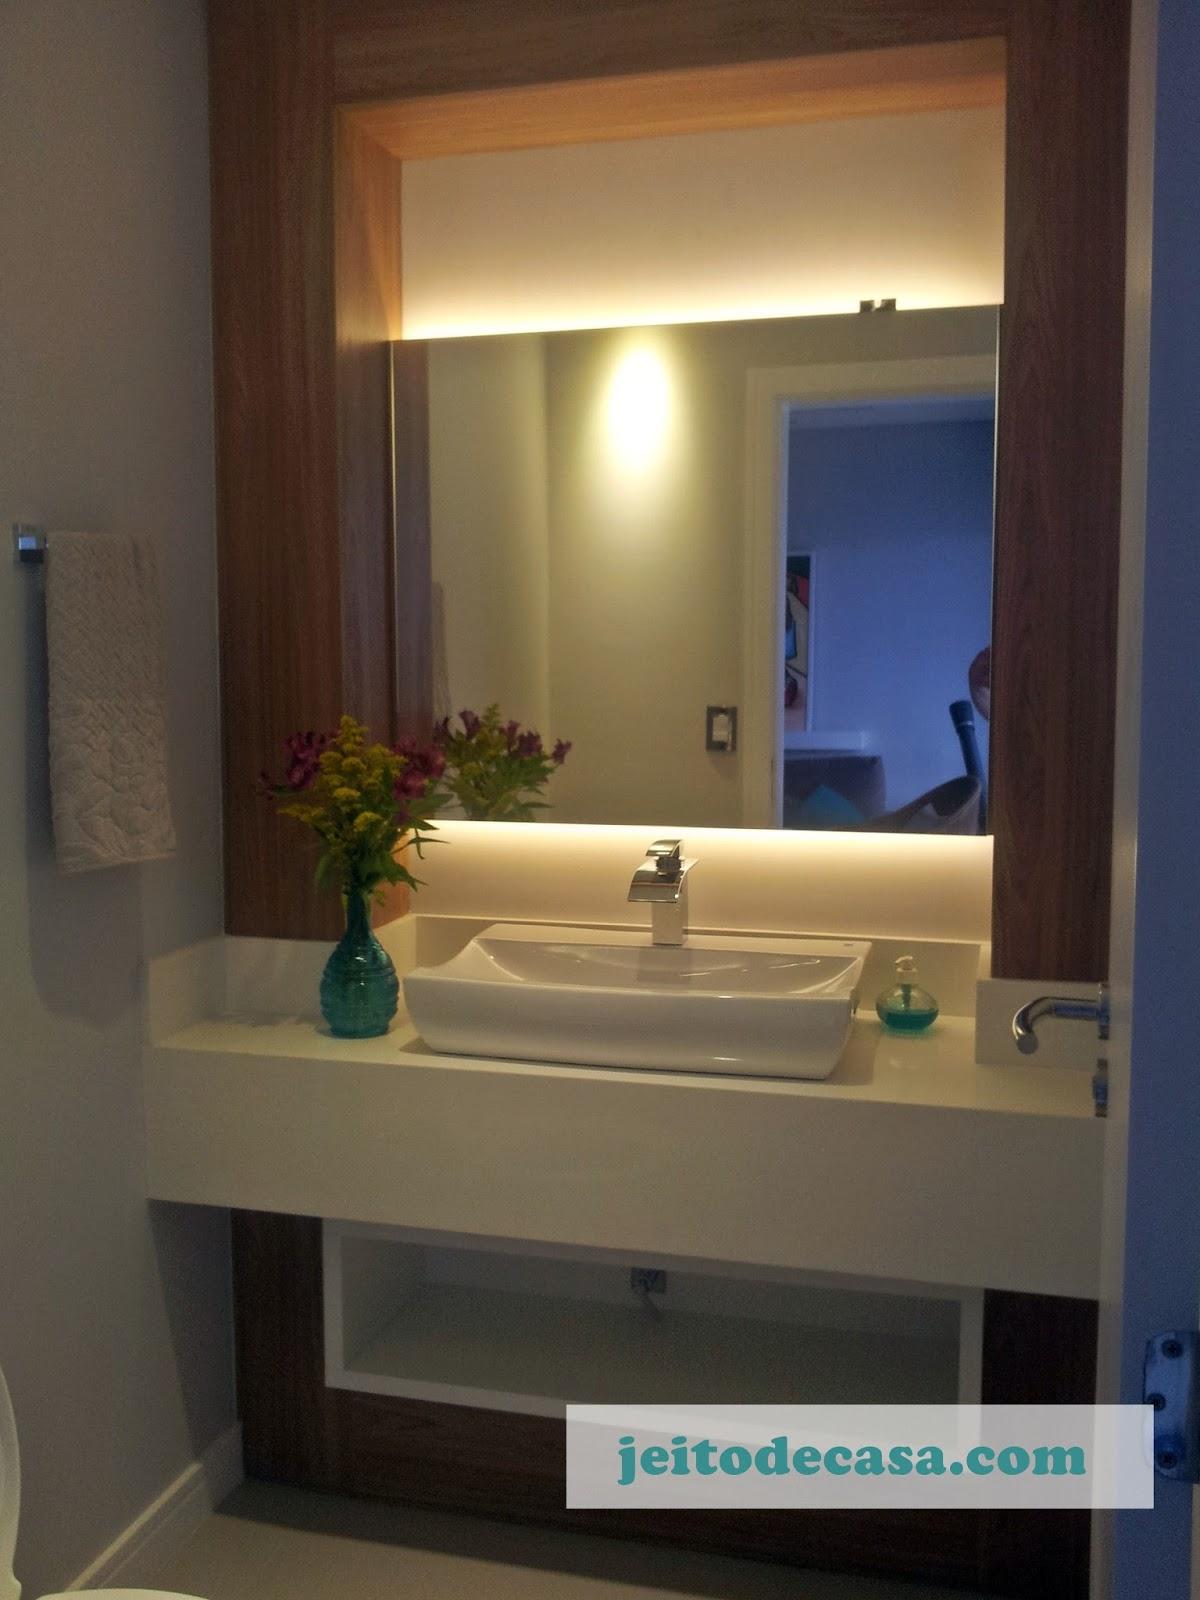 meu lavabo jeito de casa blog de decora o e arquitetura. Black Bedroom Furniture Sets. Home Design Ideas